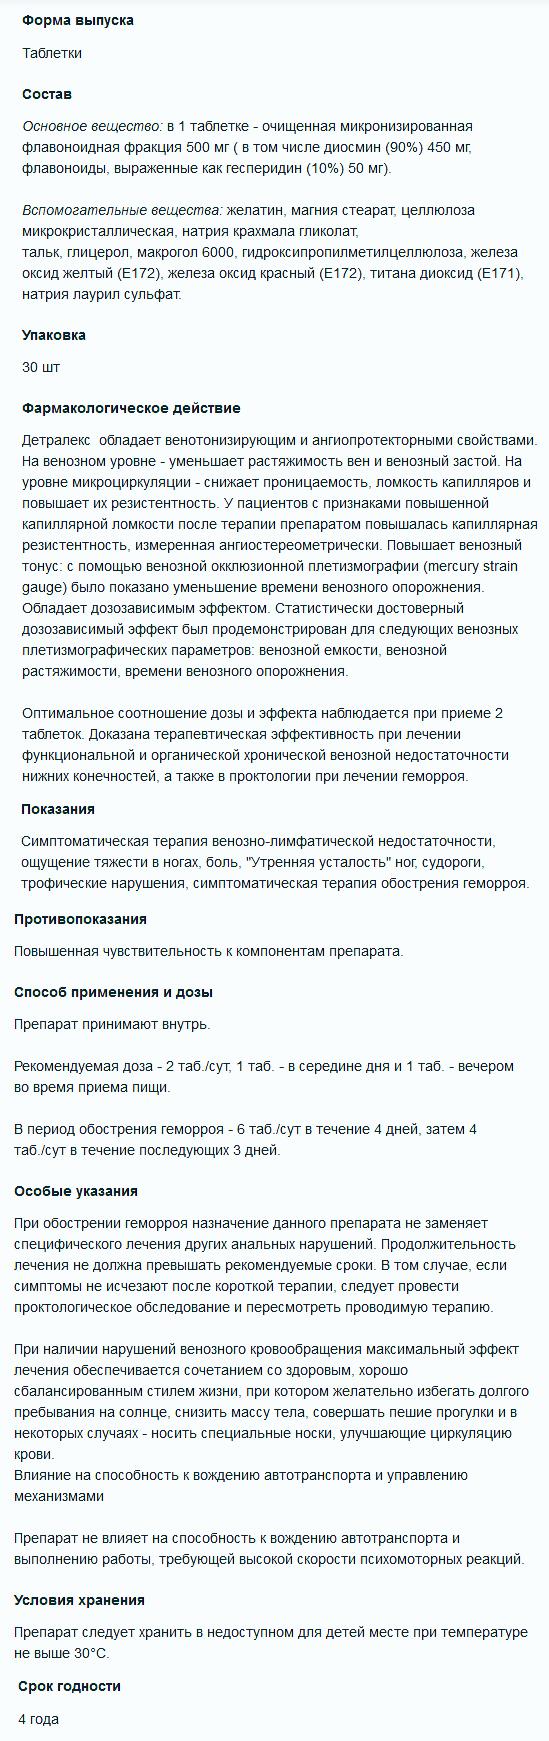 Детралекс: инструкция по применению